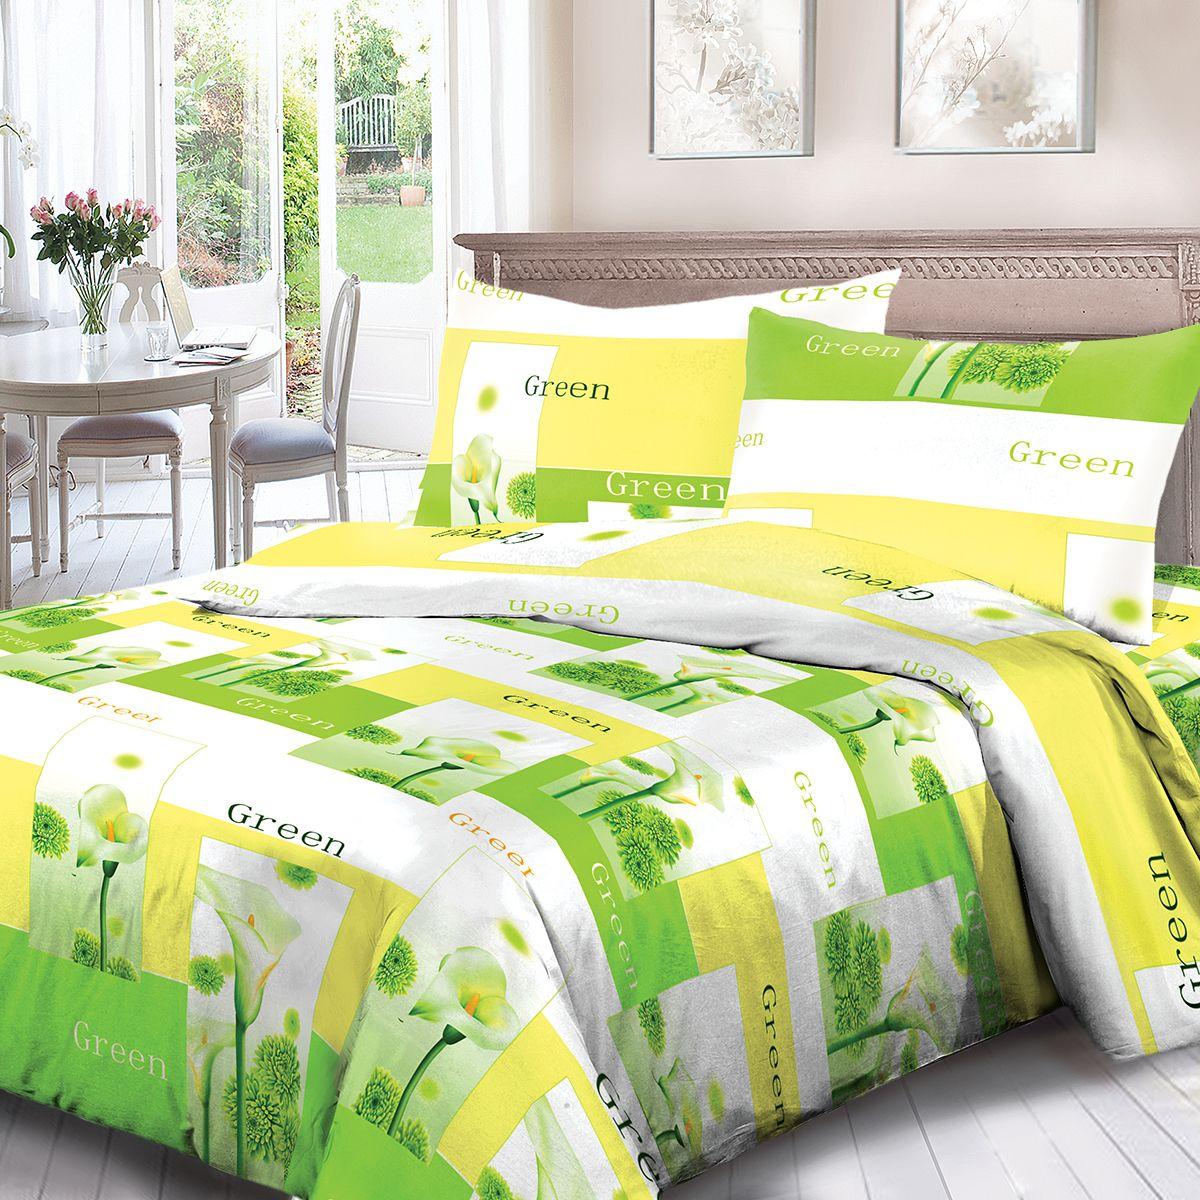 Комплект белья Для Снов Green, евро, наволочки 70x70, цвет: зеленый. 1537-184346